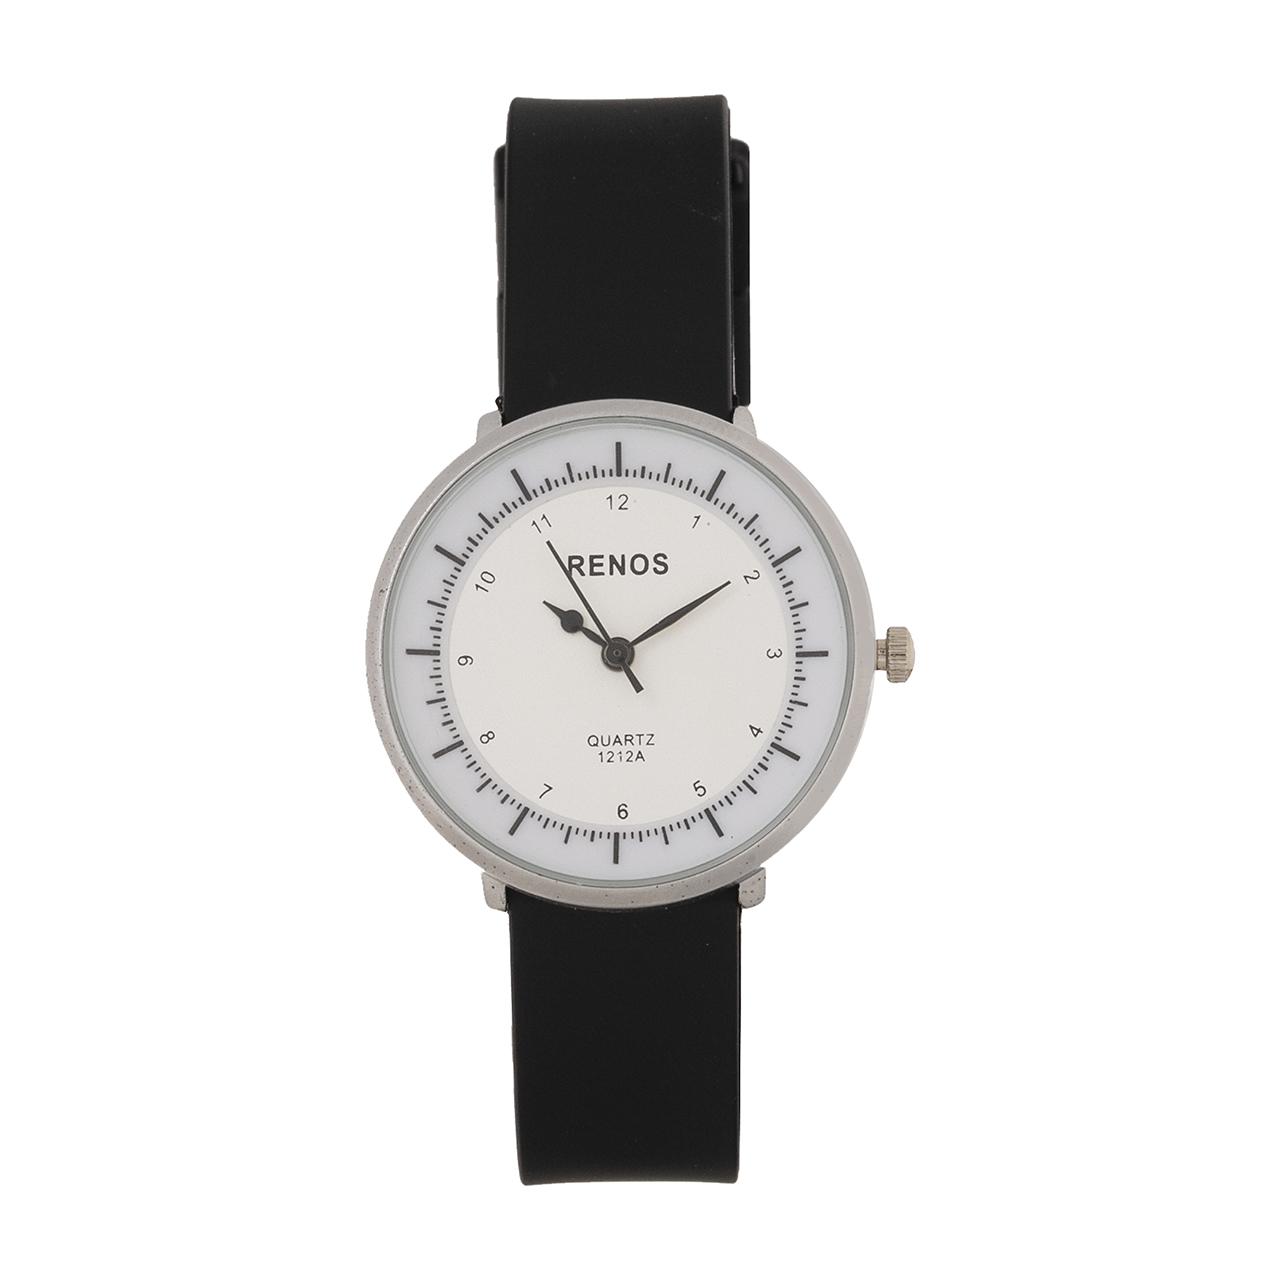 ساعت مچی عقربه ای زنانه رنوس مدل 1212